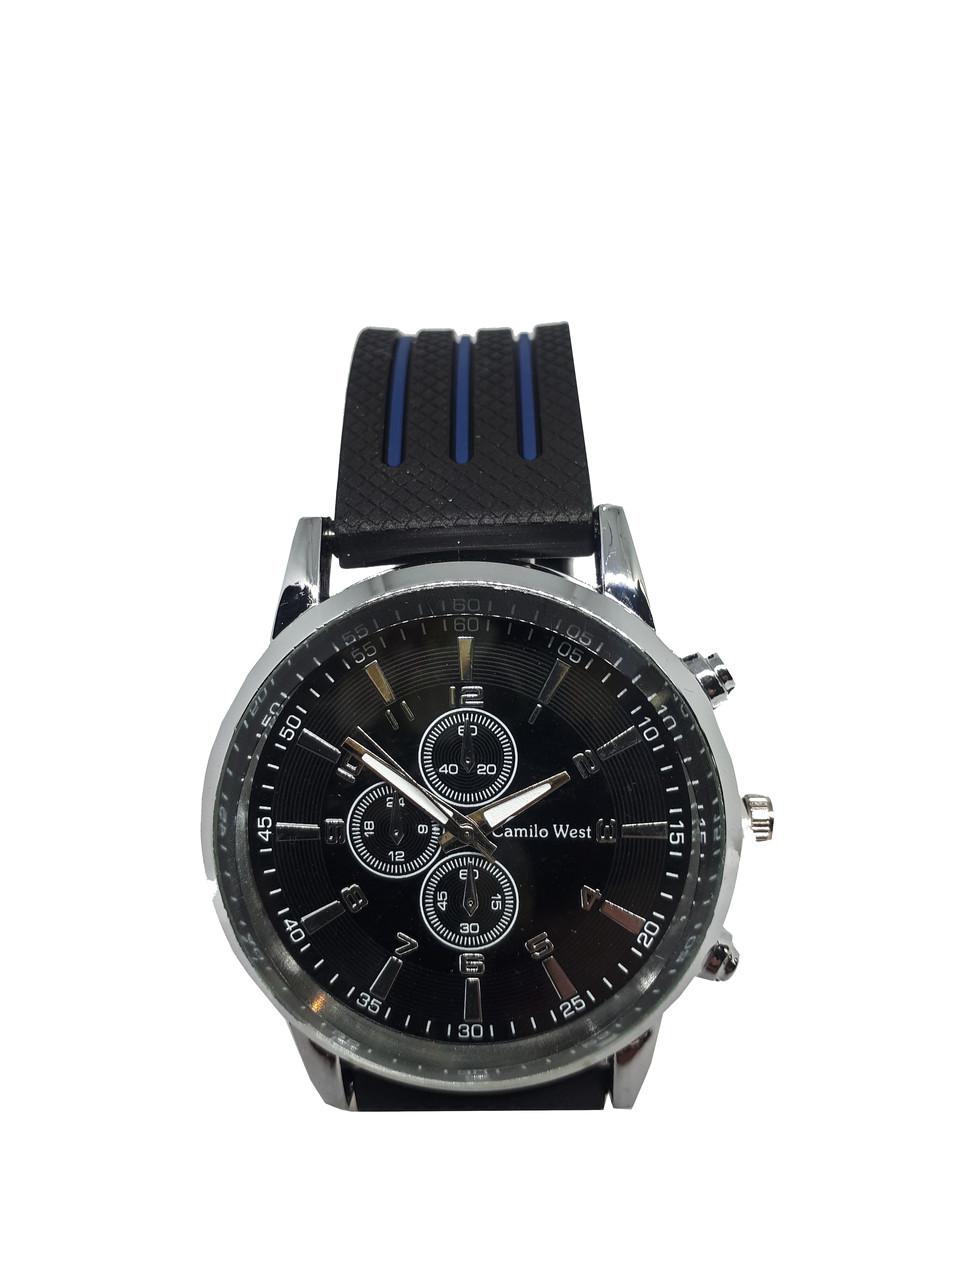 Часы молодежные мужские Camilo West на силиконовом ремешке. Синий